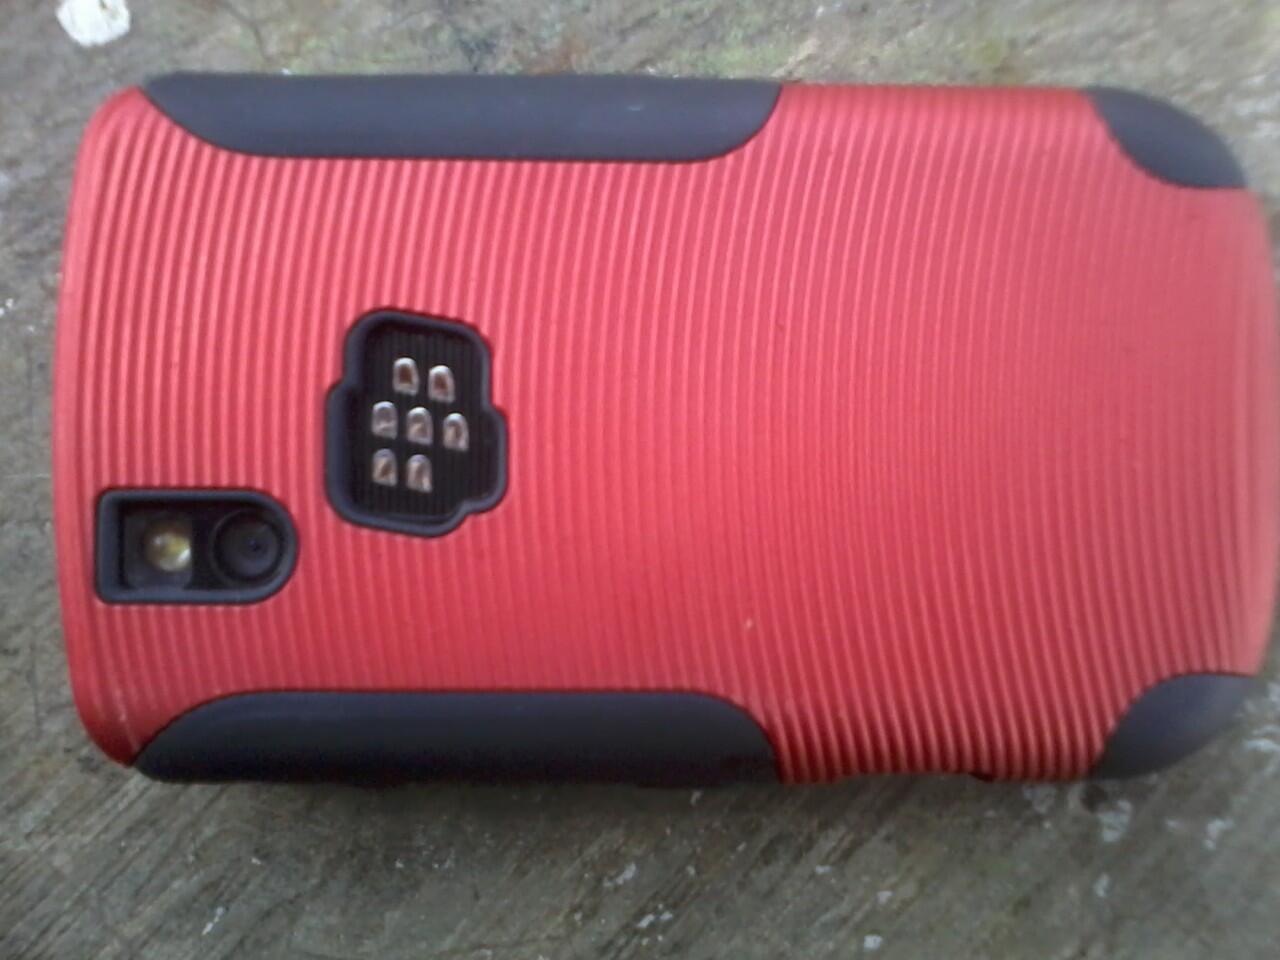 Blackberry Essex a.k.a Tour 2 a.k.a 9650 | Malang